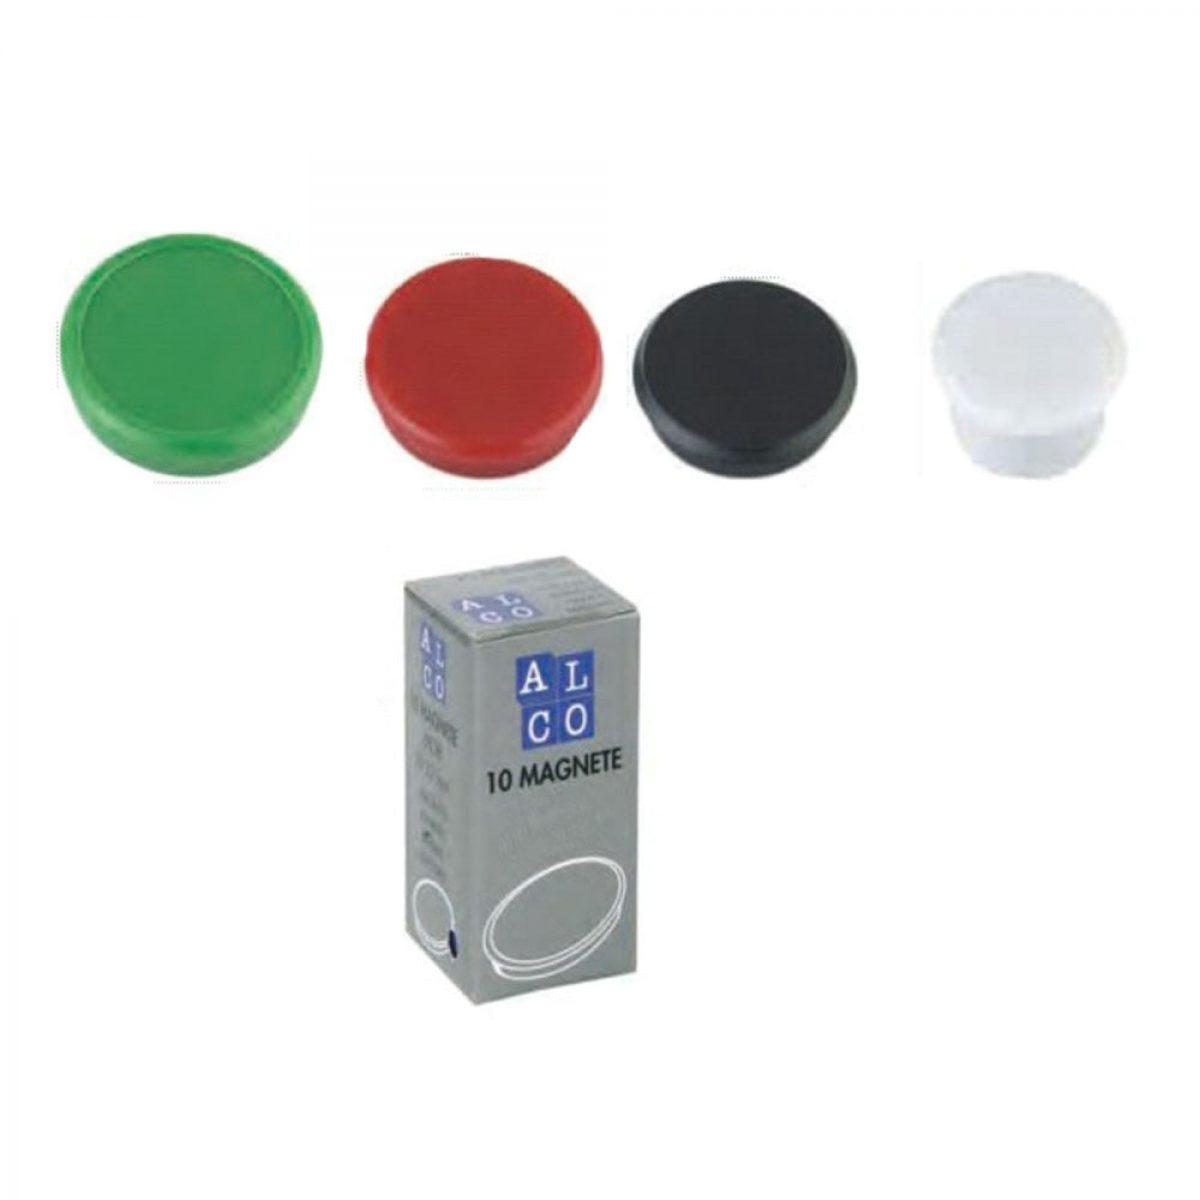 Magneti pentru tabla, D32 mm, ALCO, 10 buc/set